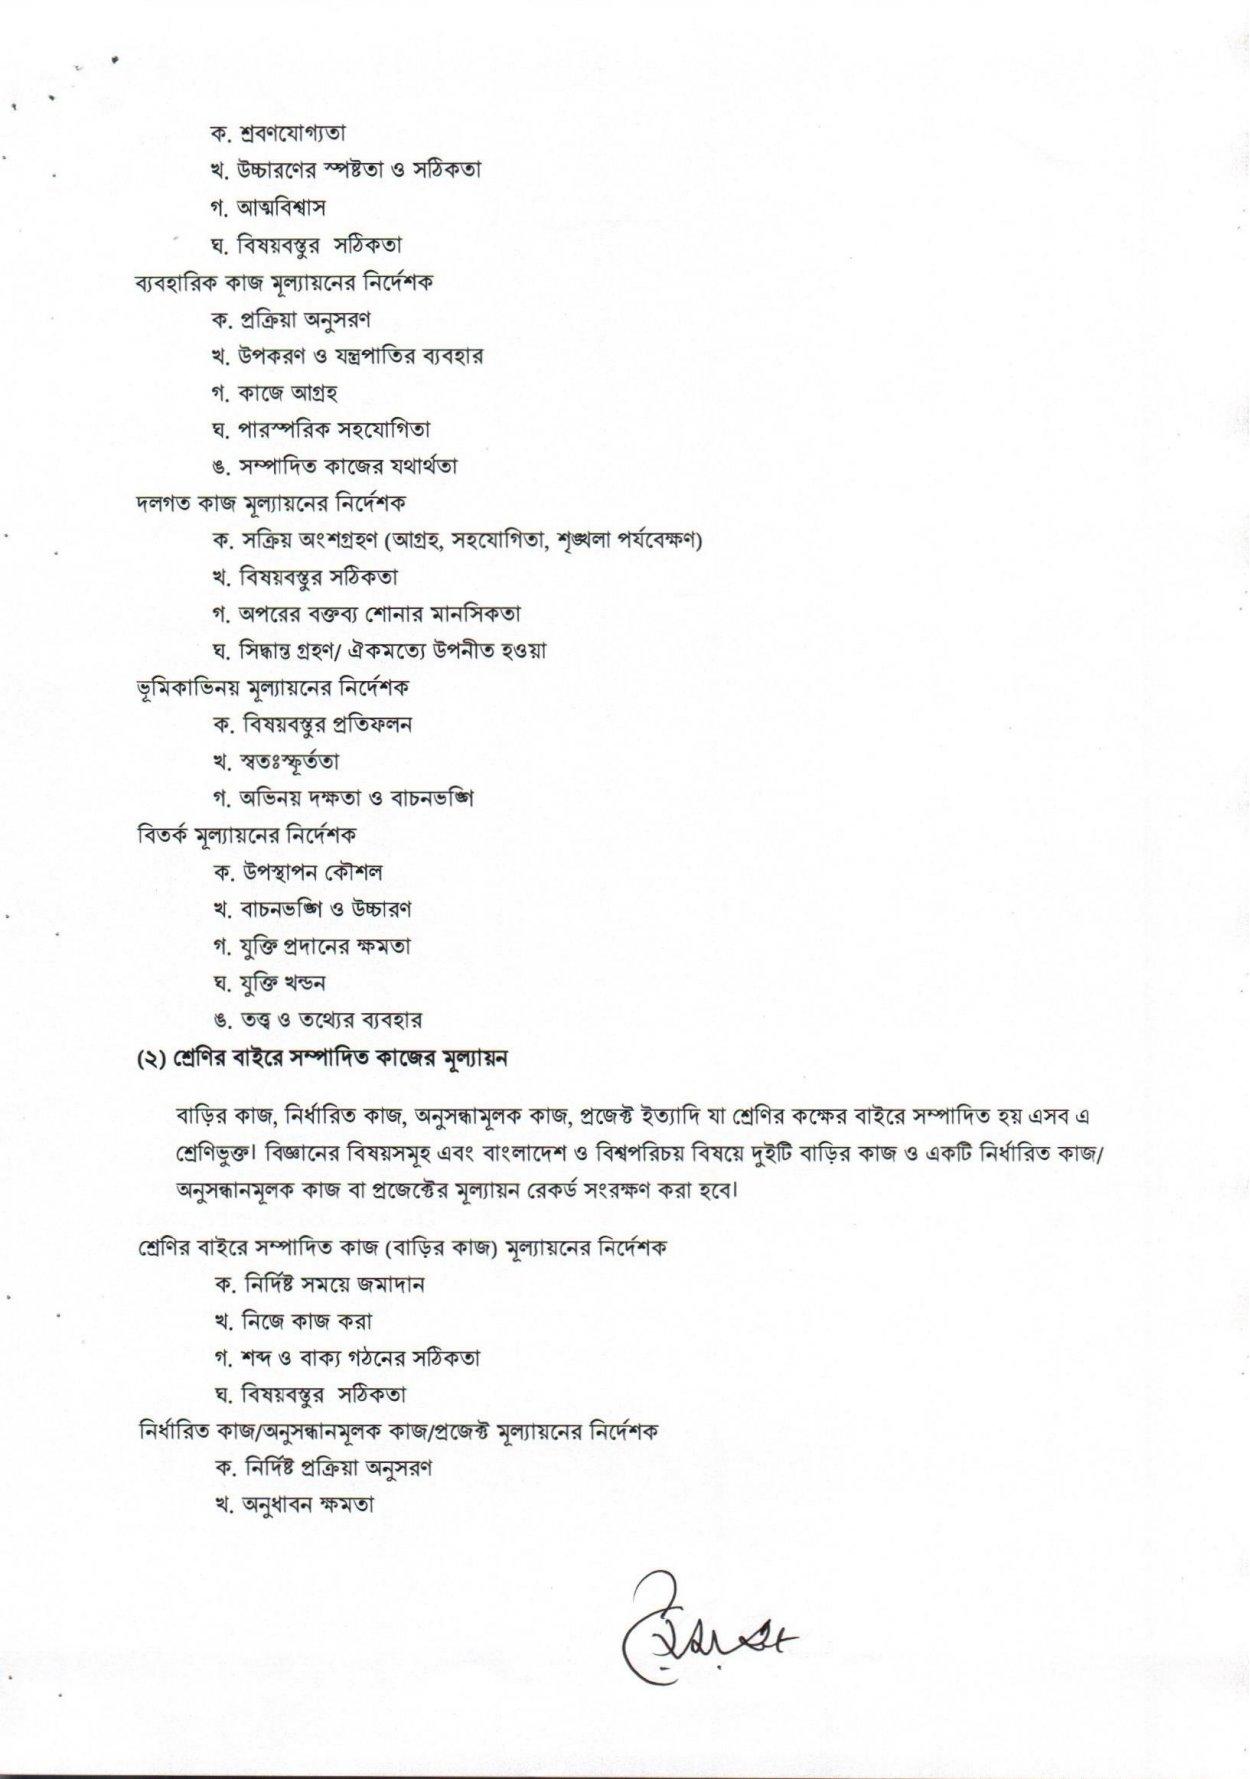 ২০২১ সালের নবম-দশম শ্রেণীর মাদ্রাসার অভ্যন্তরীণ পরীক্ষার বিষয় কাঠামো ও নম্ভর বন্টন | দাখিল পরীক্ষা ২০২৩ বিষয় কাঠামো ও নম্ভর বন্টন-শিক্ষাবর্ষ ২০২১-২০২২